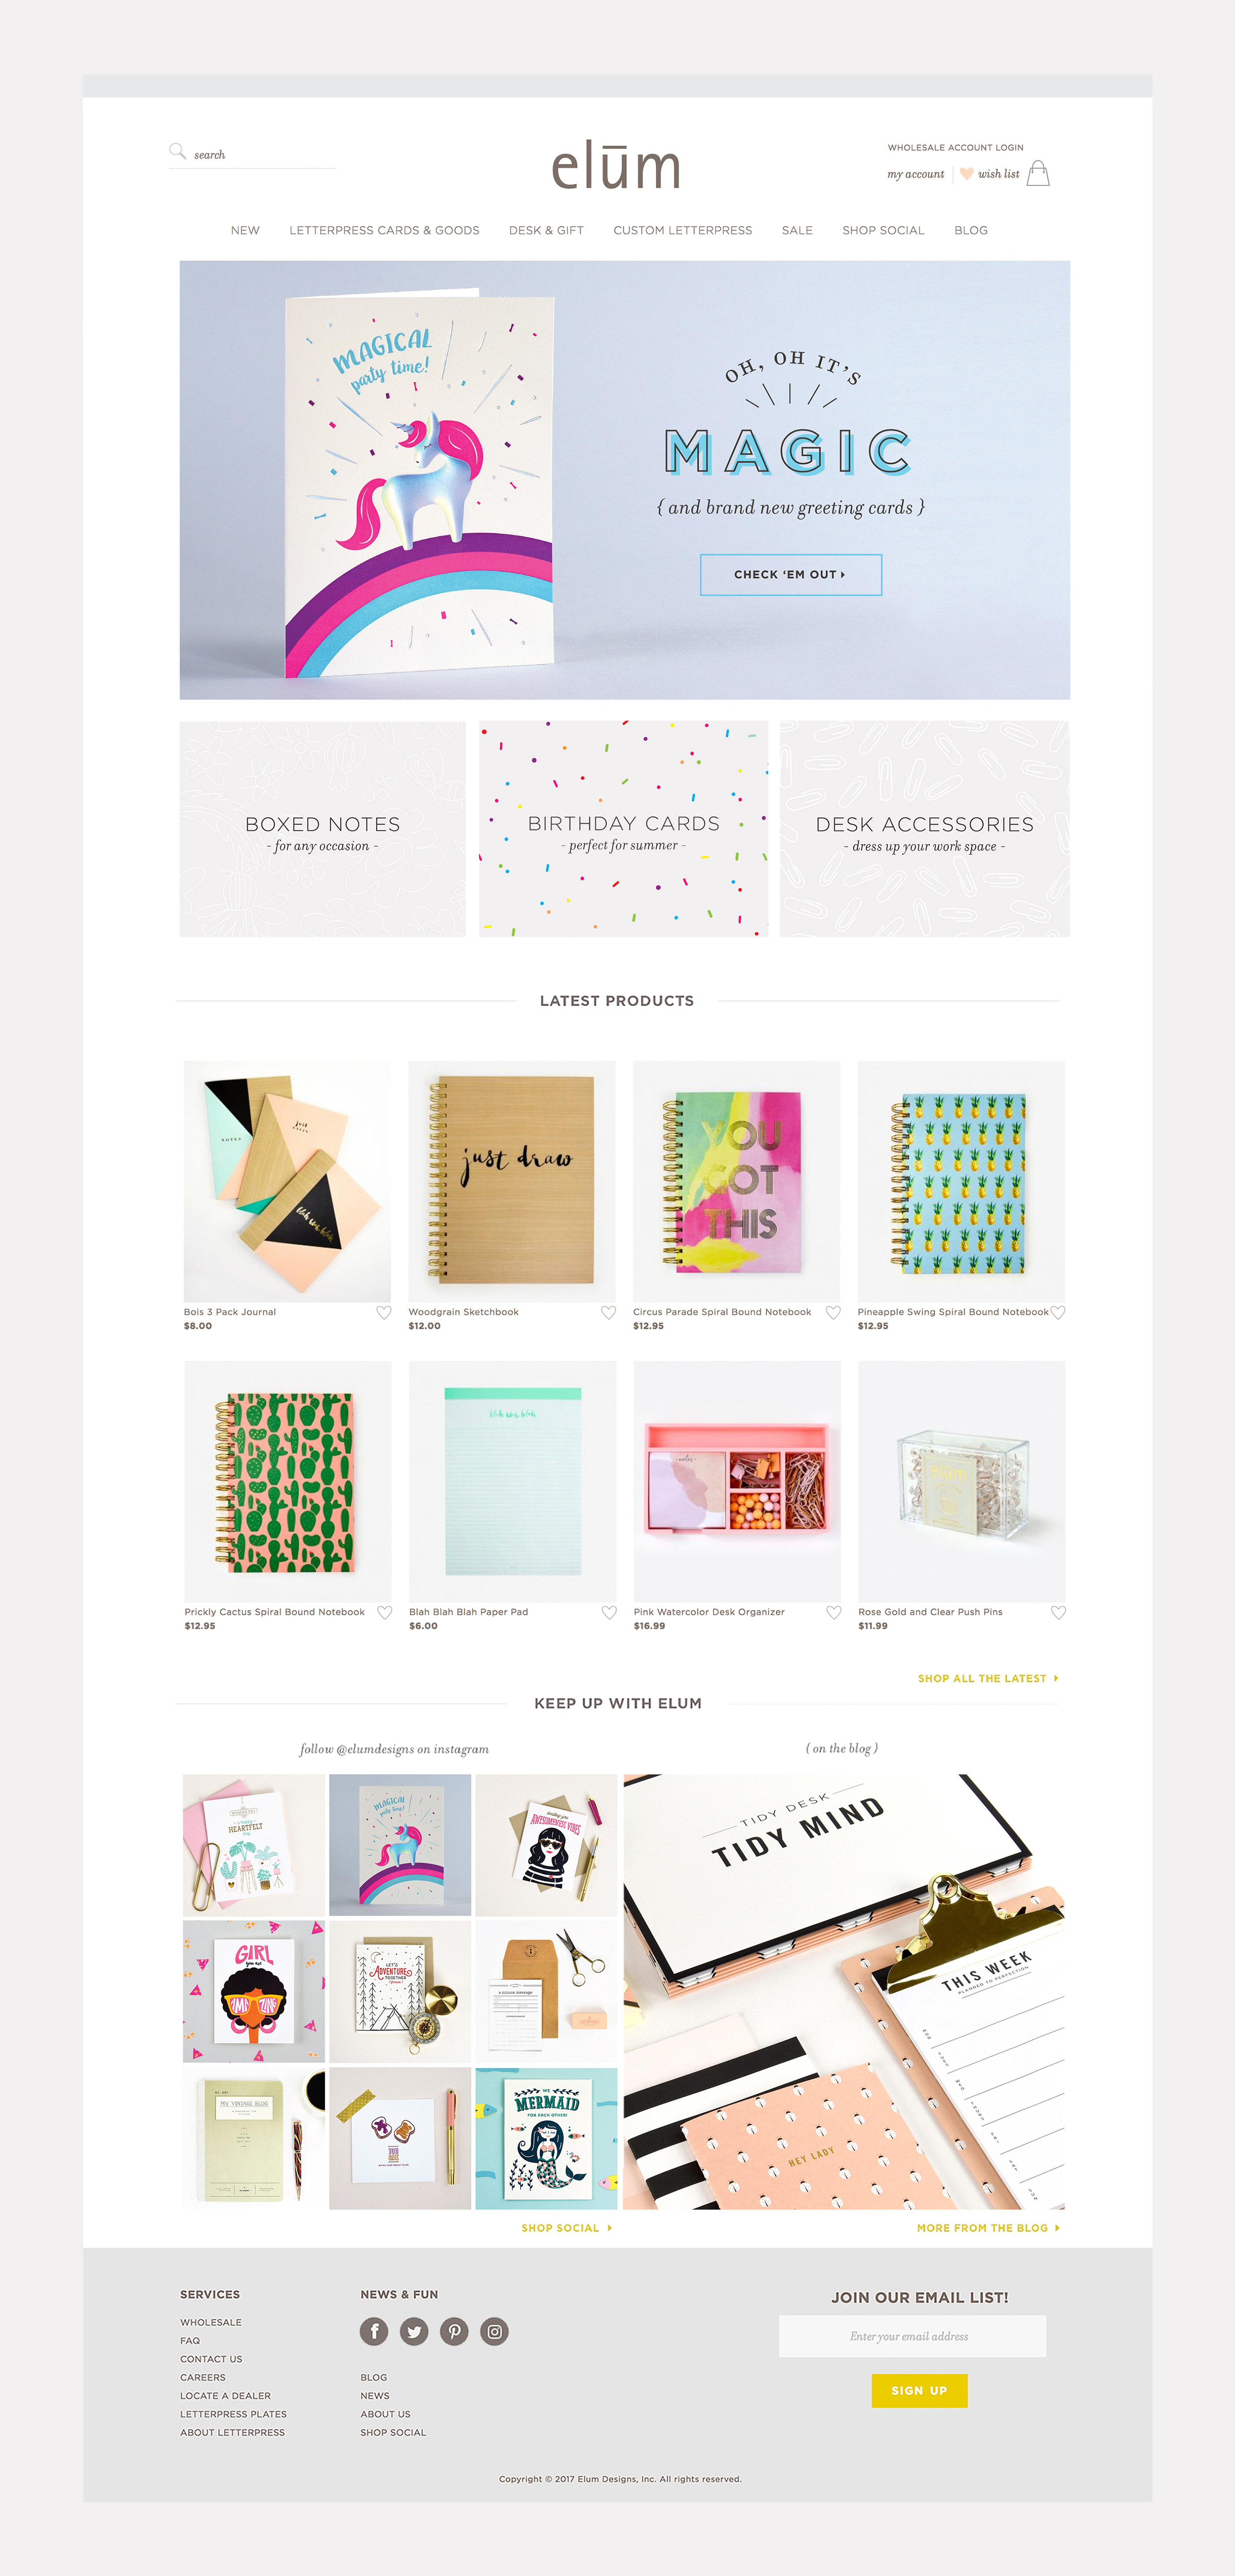 UI Design, Web Design, Content Creation, Digital Design